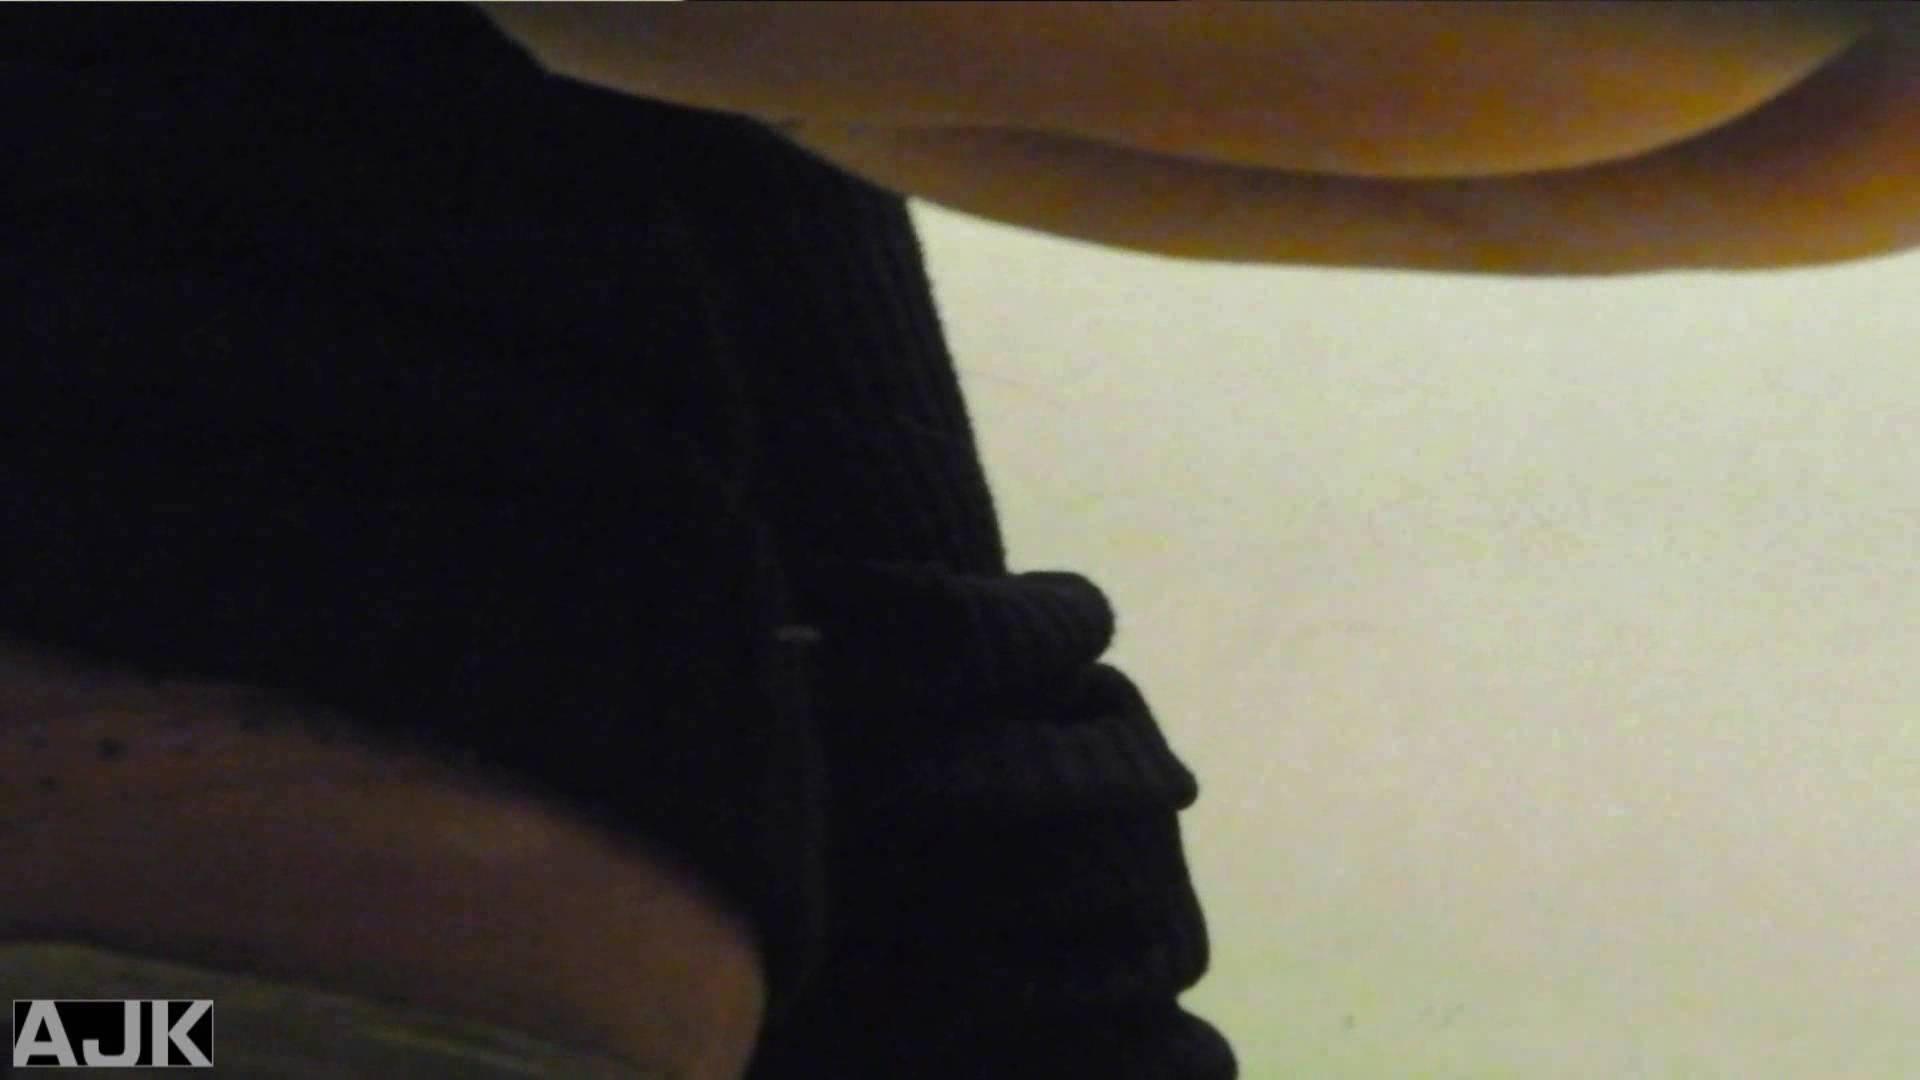 隣国上階級エリアの令嬢たちが集うデパートお手洗い Vol.14 色っぽいOL達 | お手洗い  52pic 51